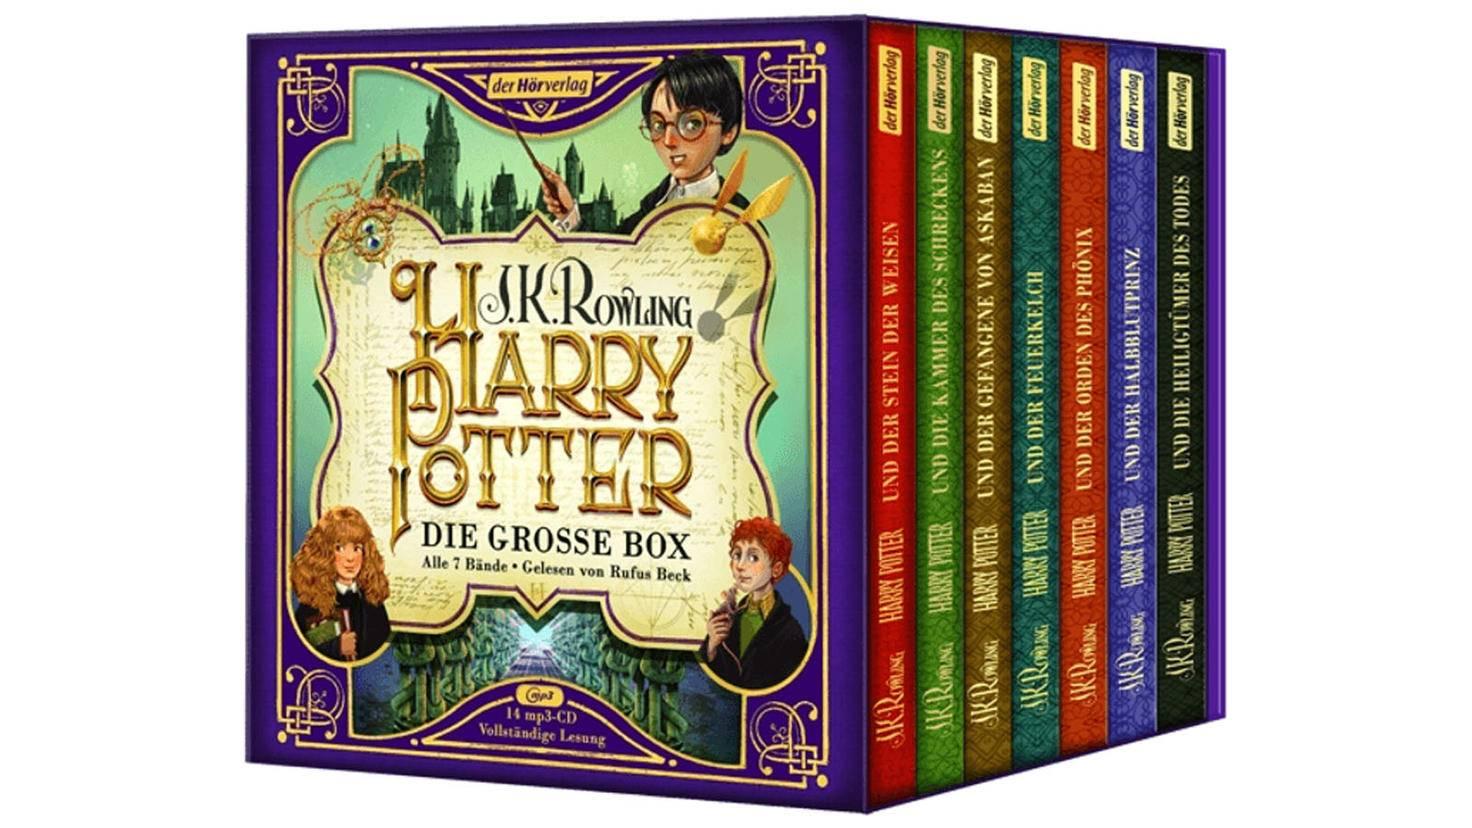 Harry Potter Hörbuch CD-Box